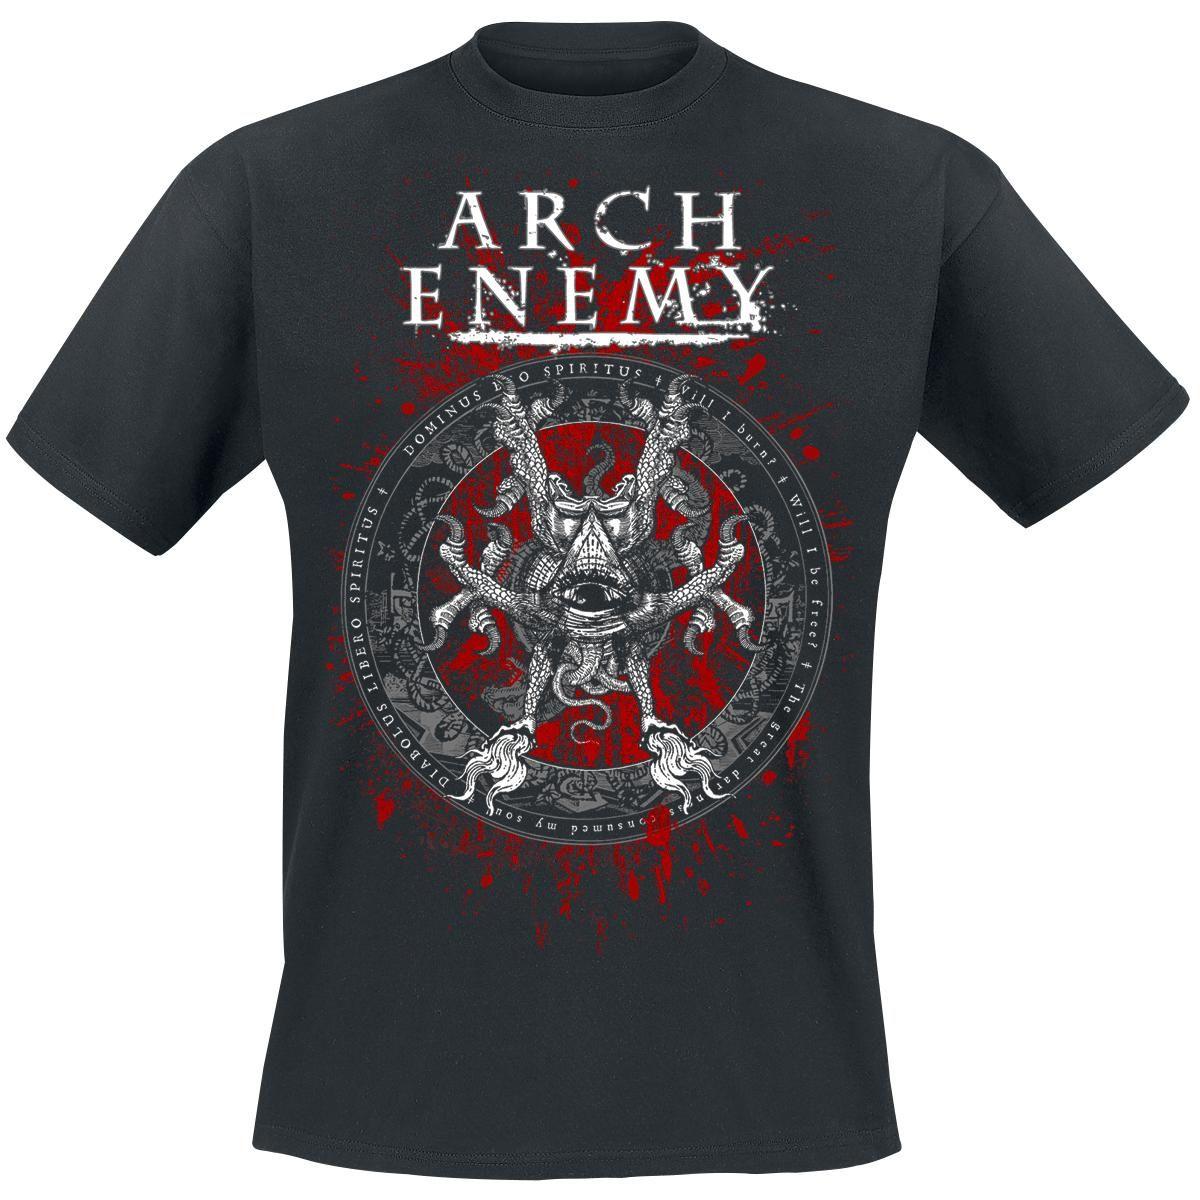 Classica T Shirt Uomo Nera Rise Of The Tyrant Degli Archenemy